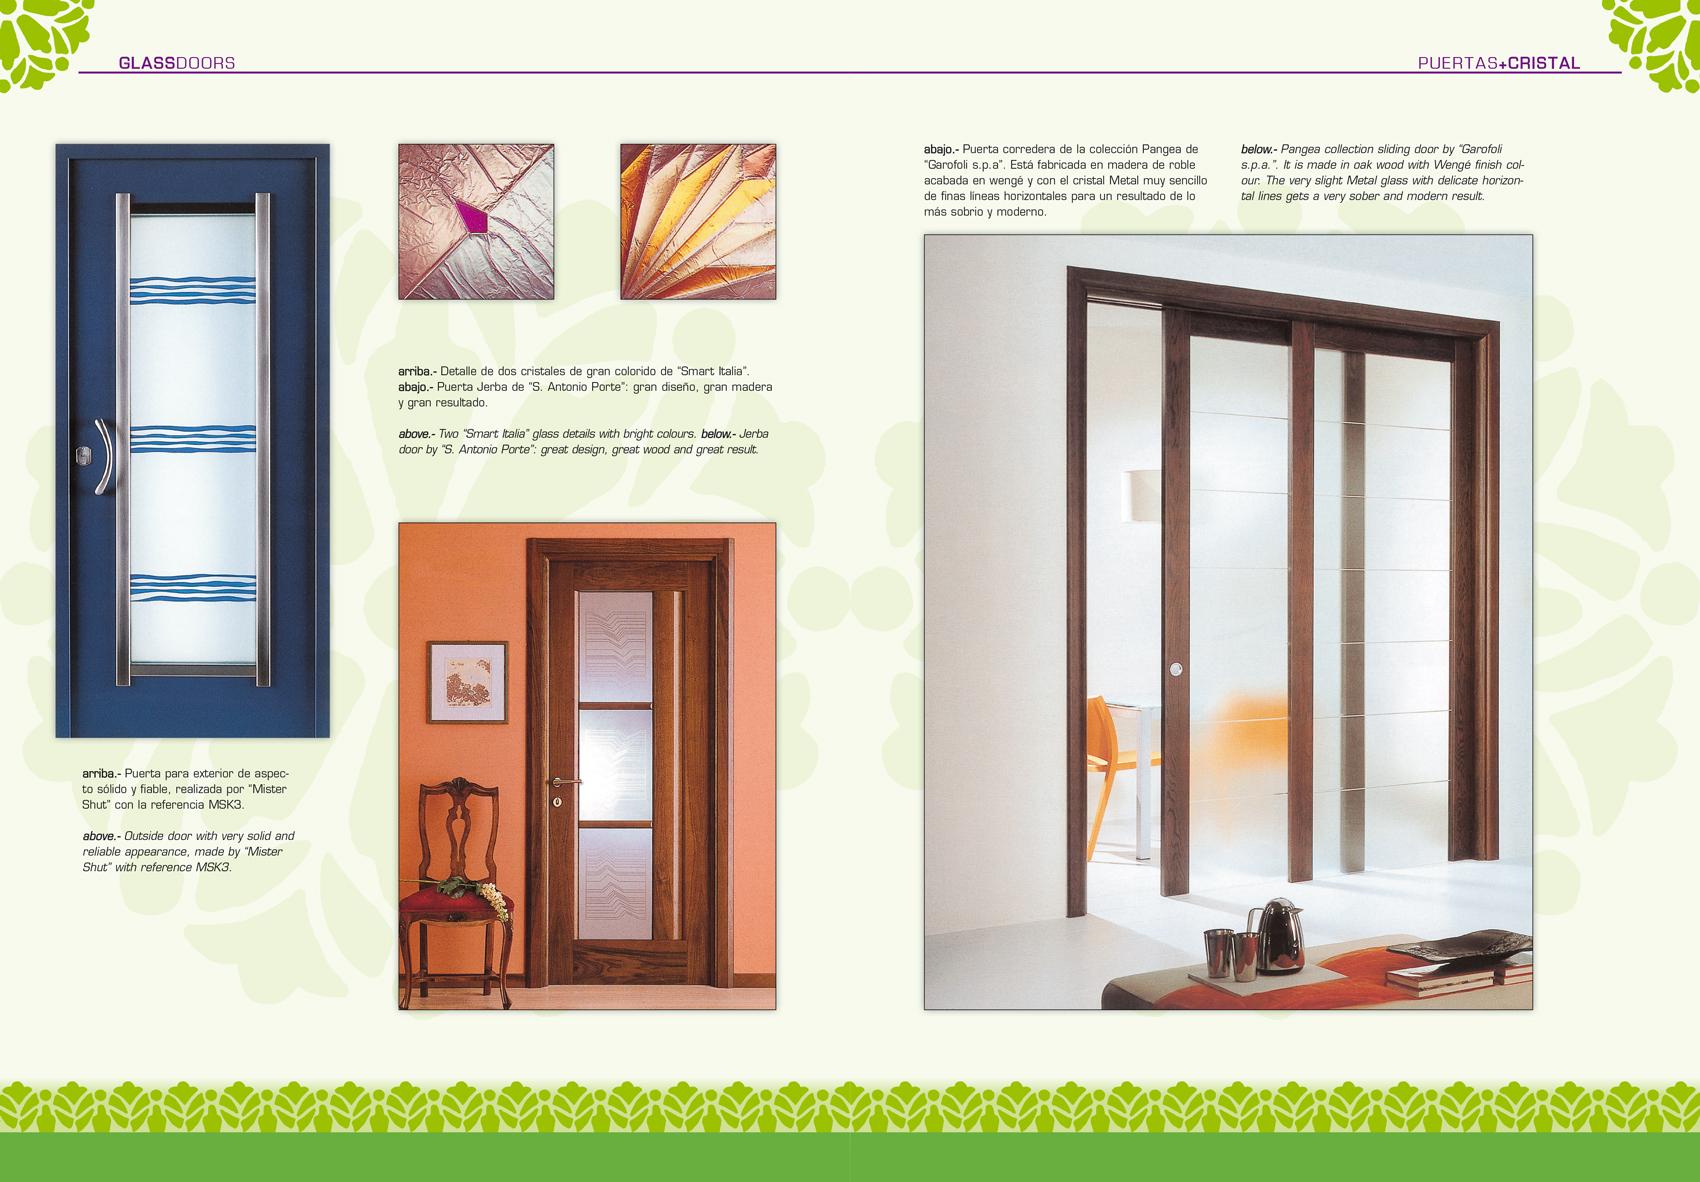 puertas-cristal-3.jpg